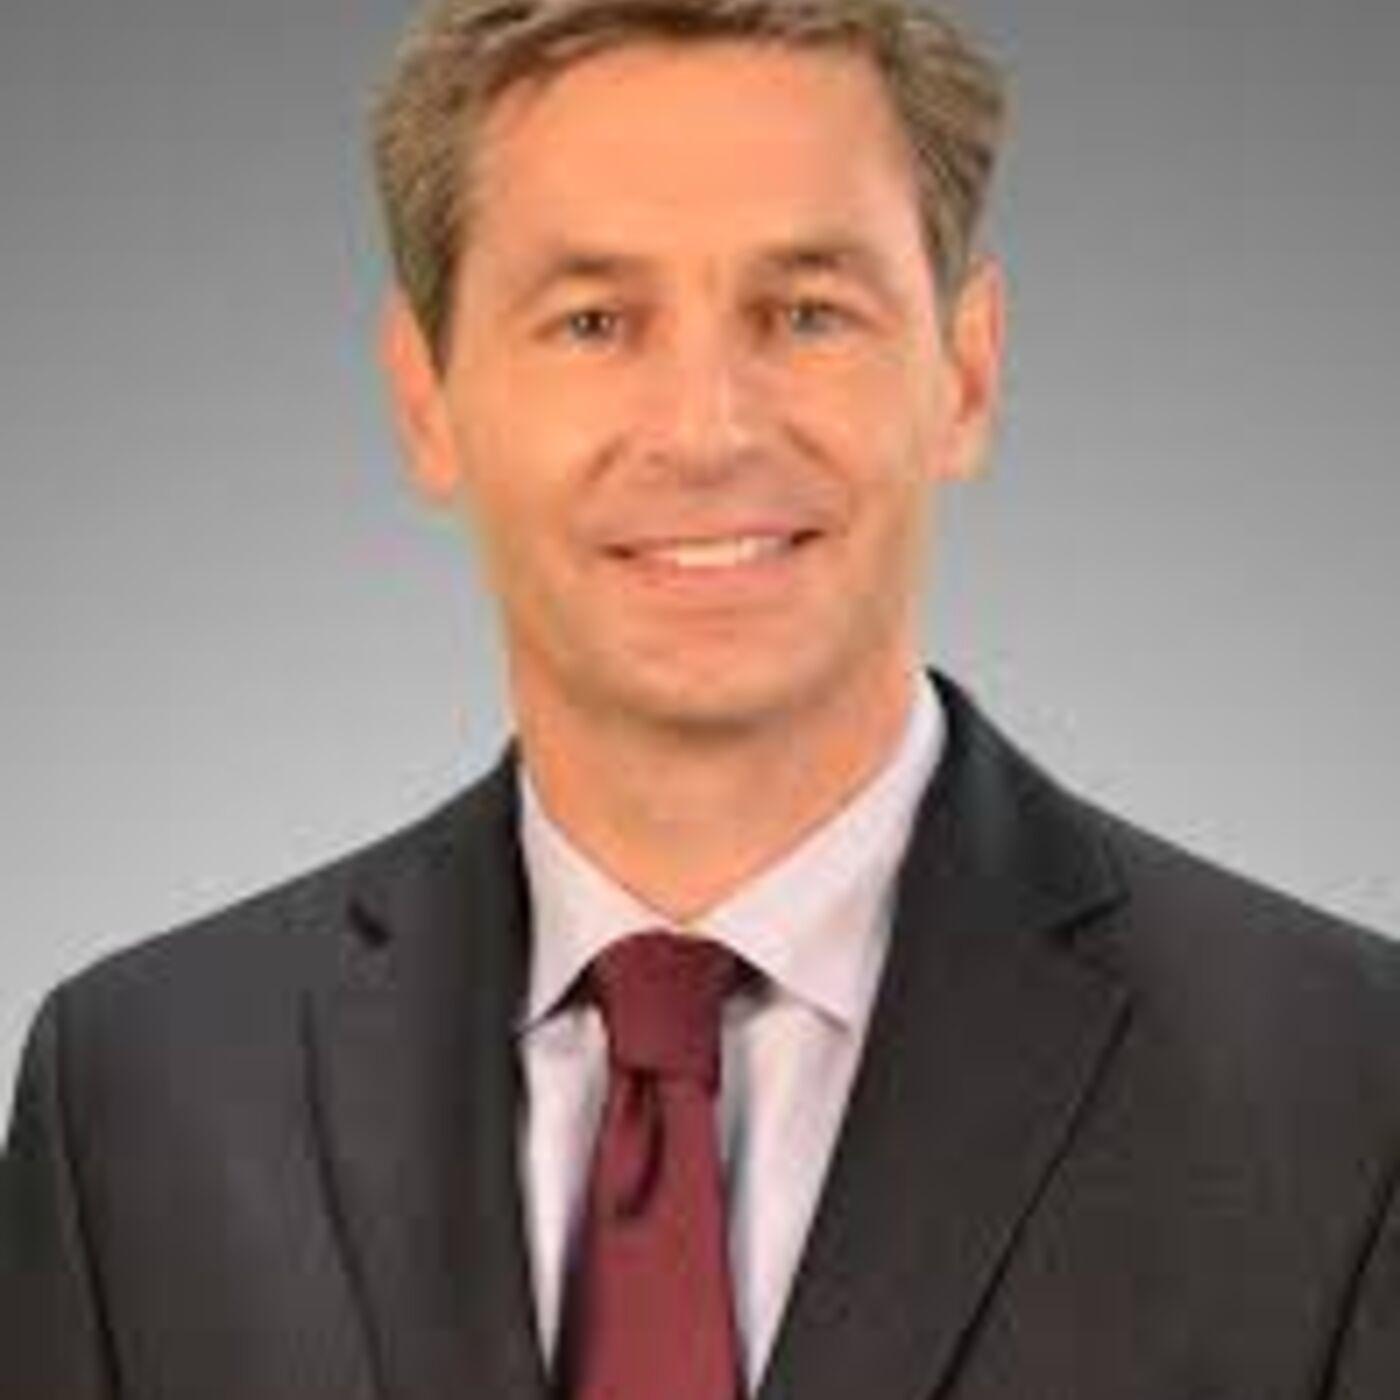 Ep. 33 - Ohio Senator, Matt Dolan (R - District 24)